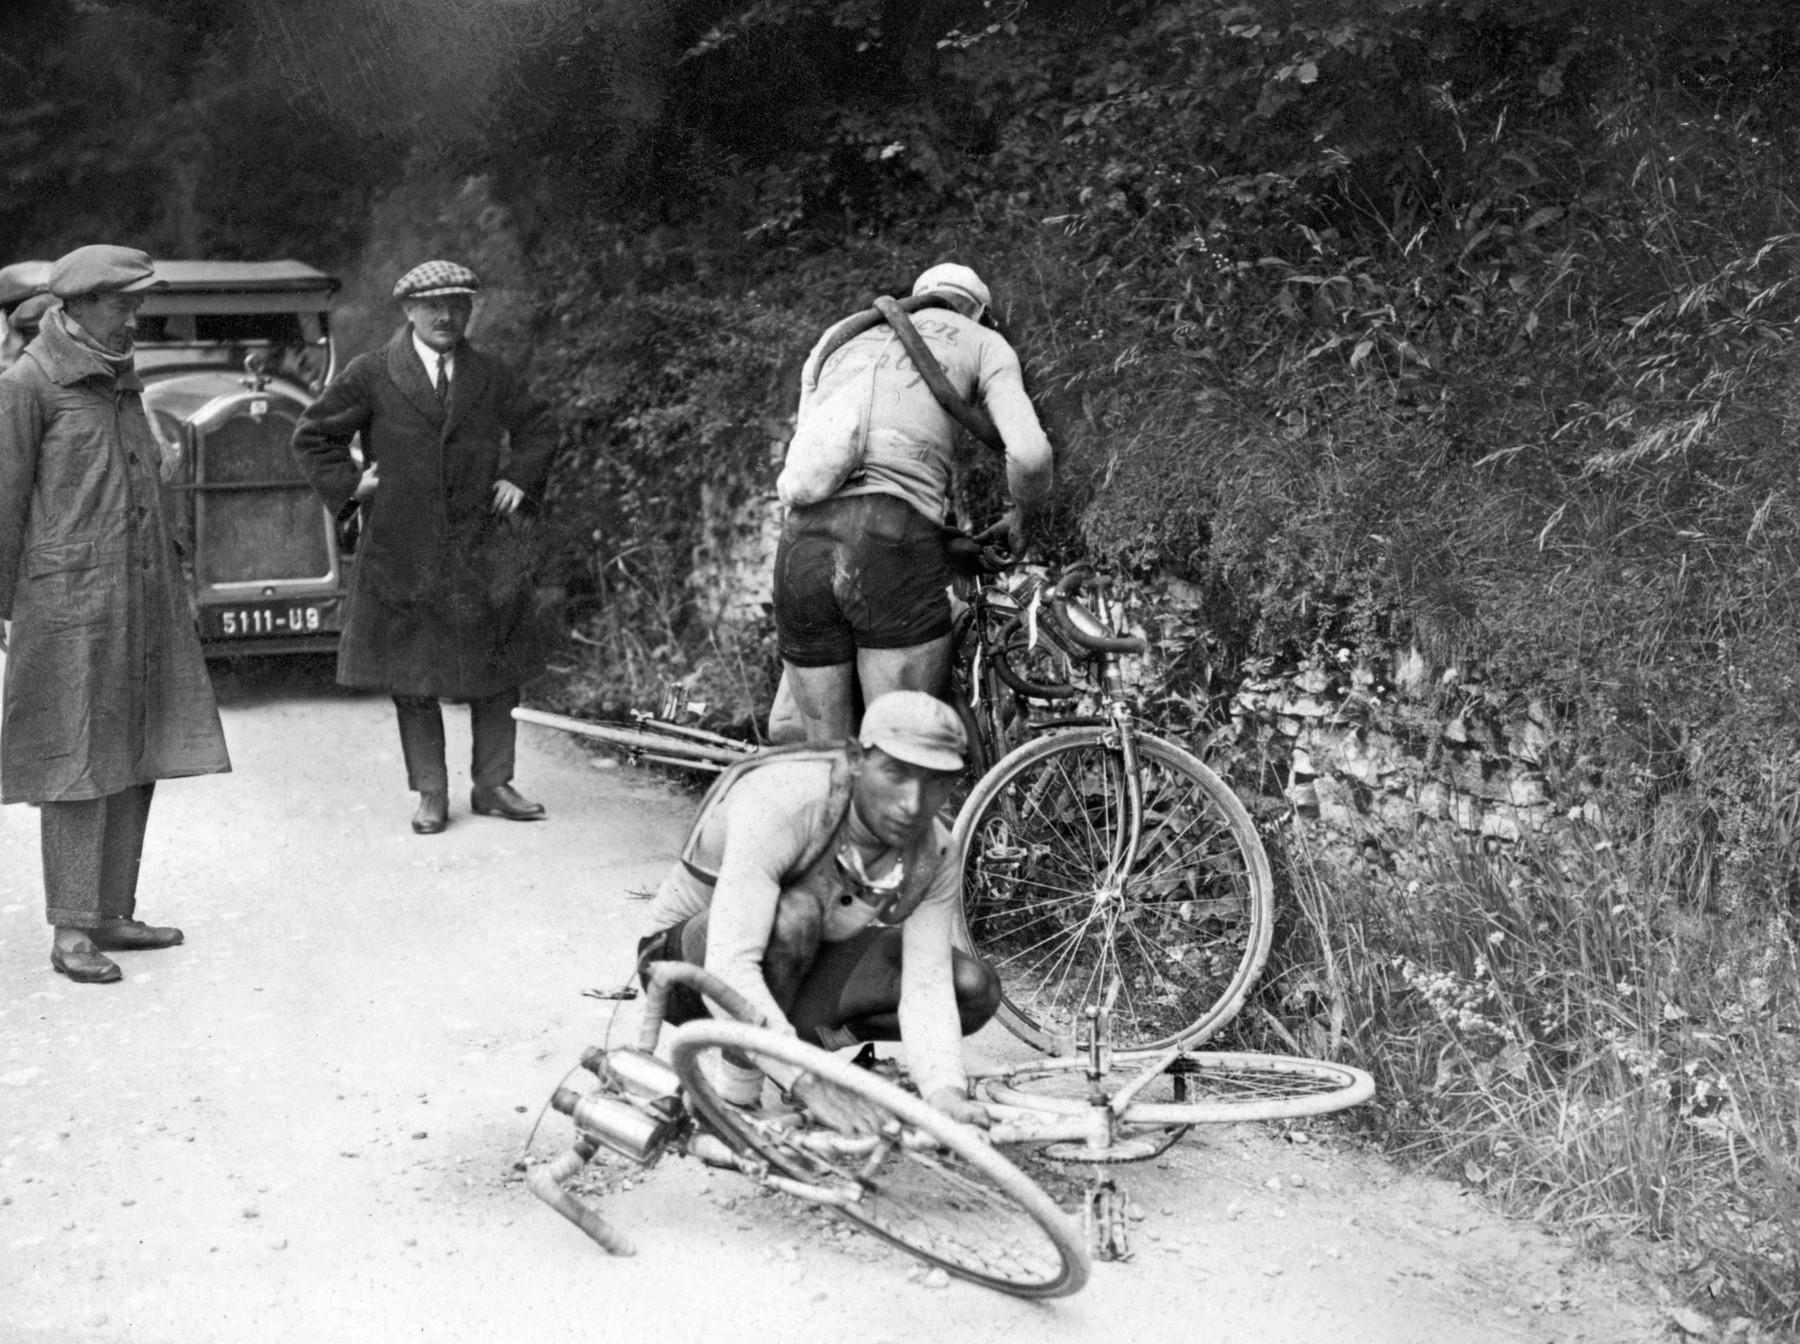 Závodníci pod dohledem rozhodčích provádí opravy na svých bicyklech.